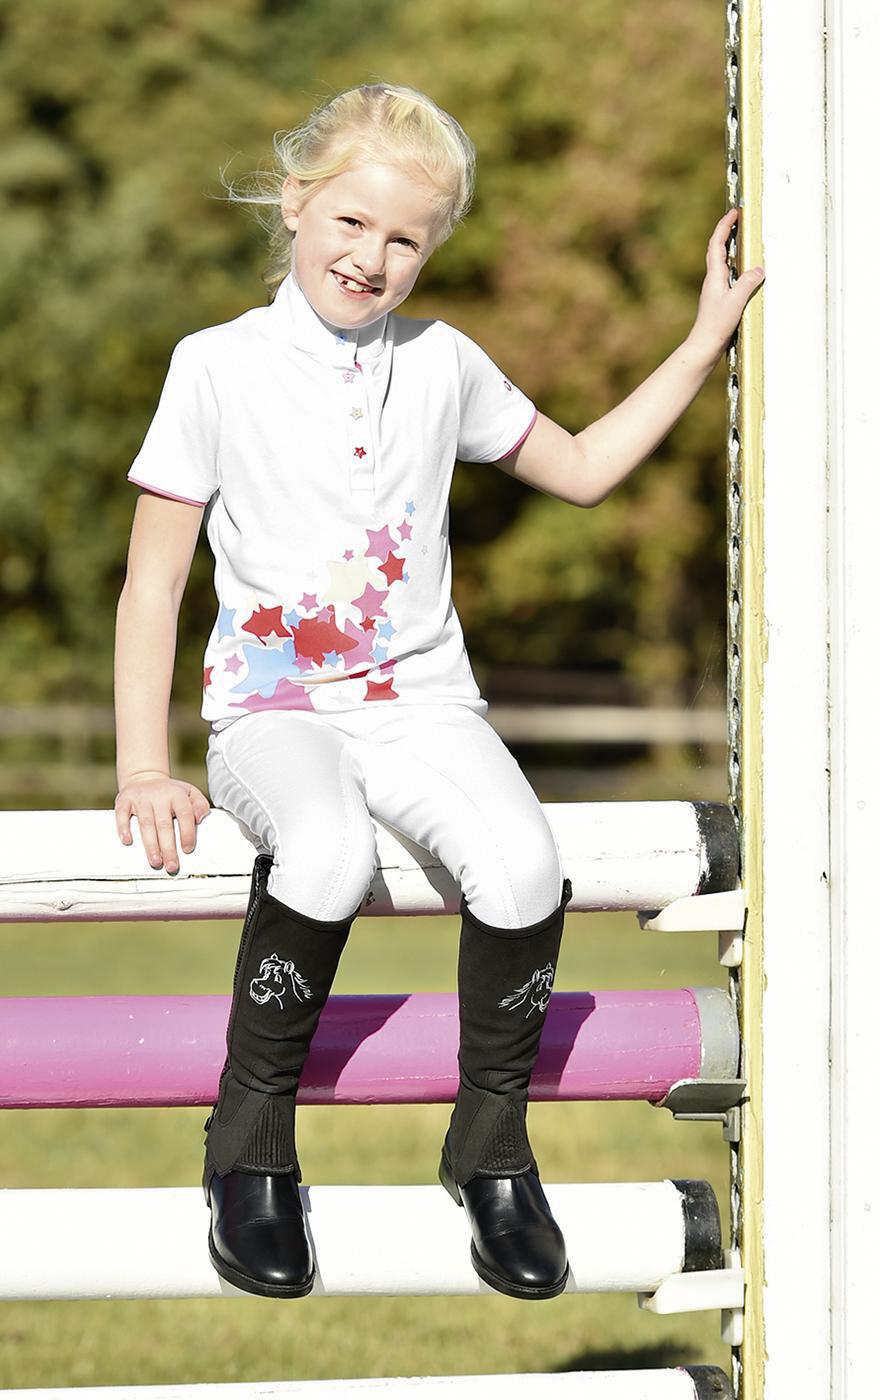 New Kids Girls Fun comfortable Weiß strech show shirt -Easy Care 134 140 cm